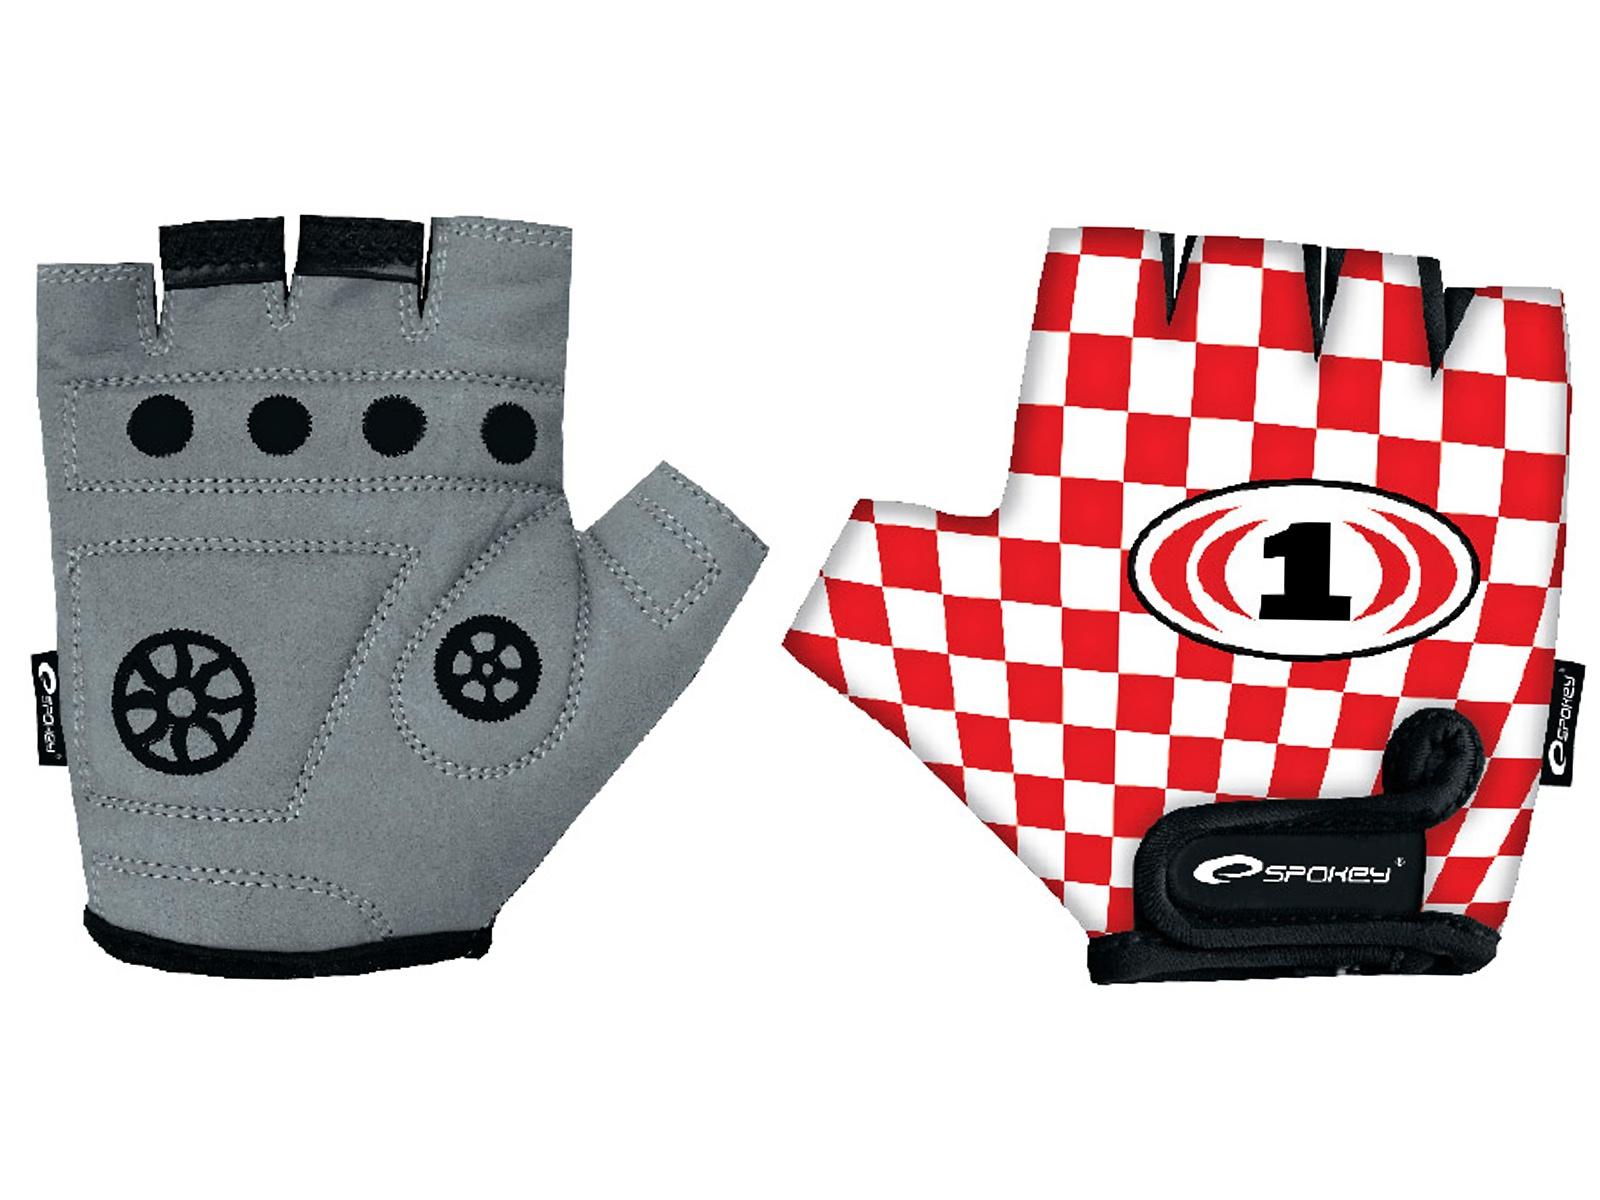 Cyklo rukavice SPOKEY Race Glove dětské - S